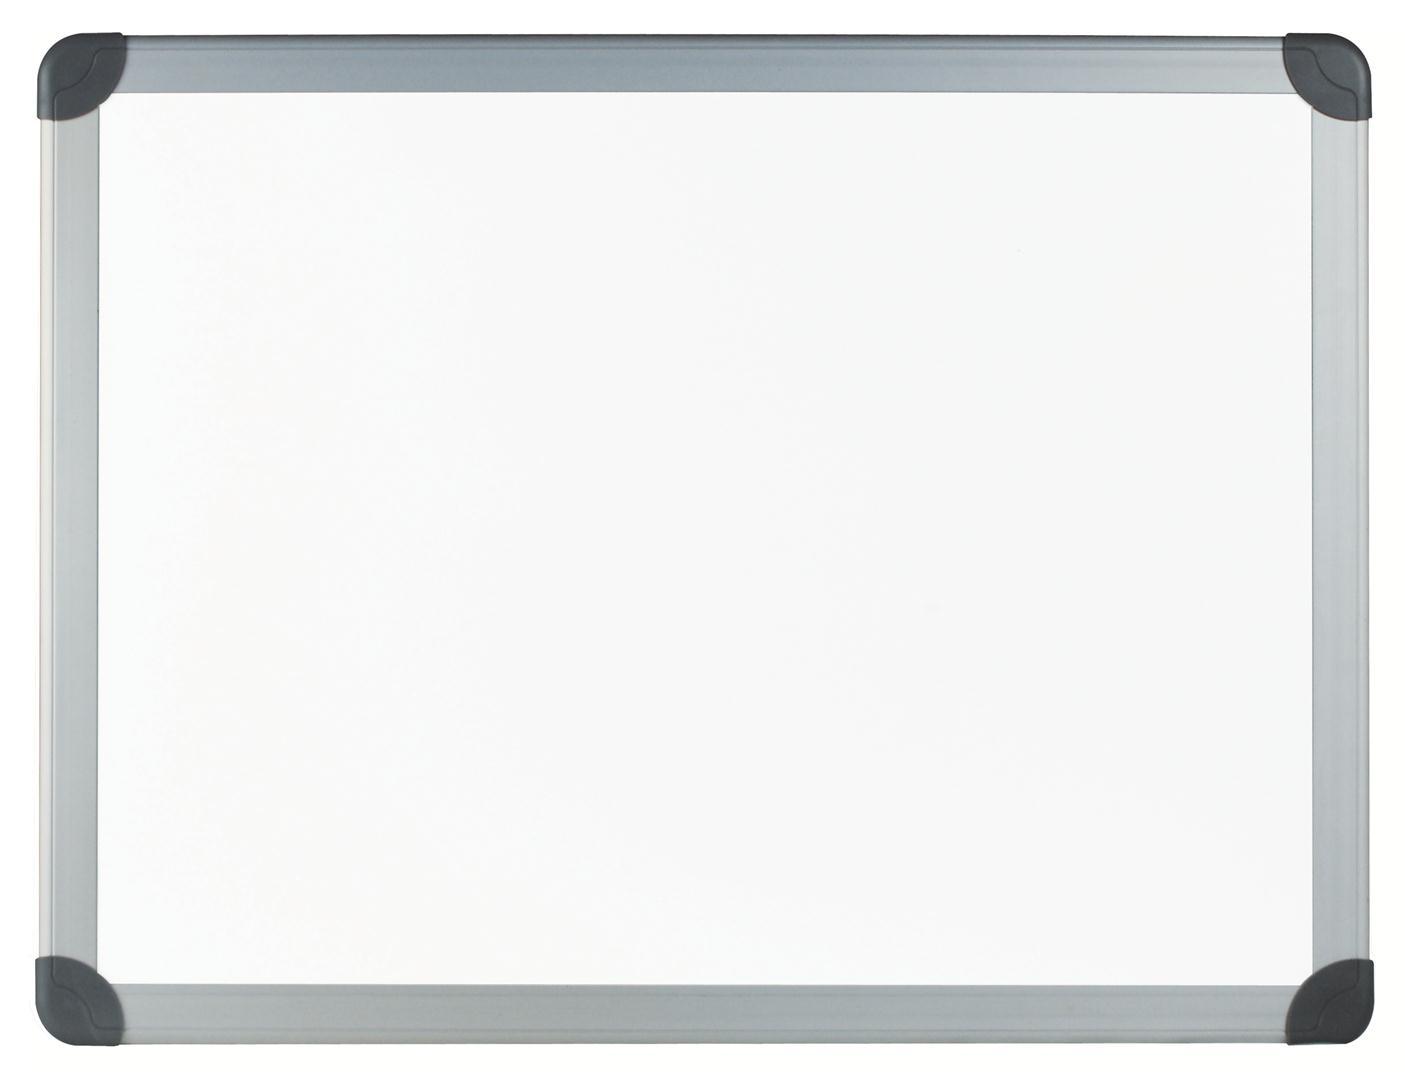 Amazoncom  Pacon Super Value Poster Board 22X28